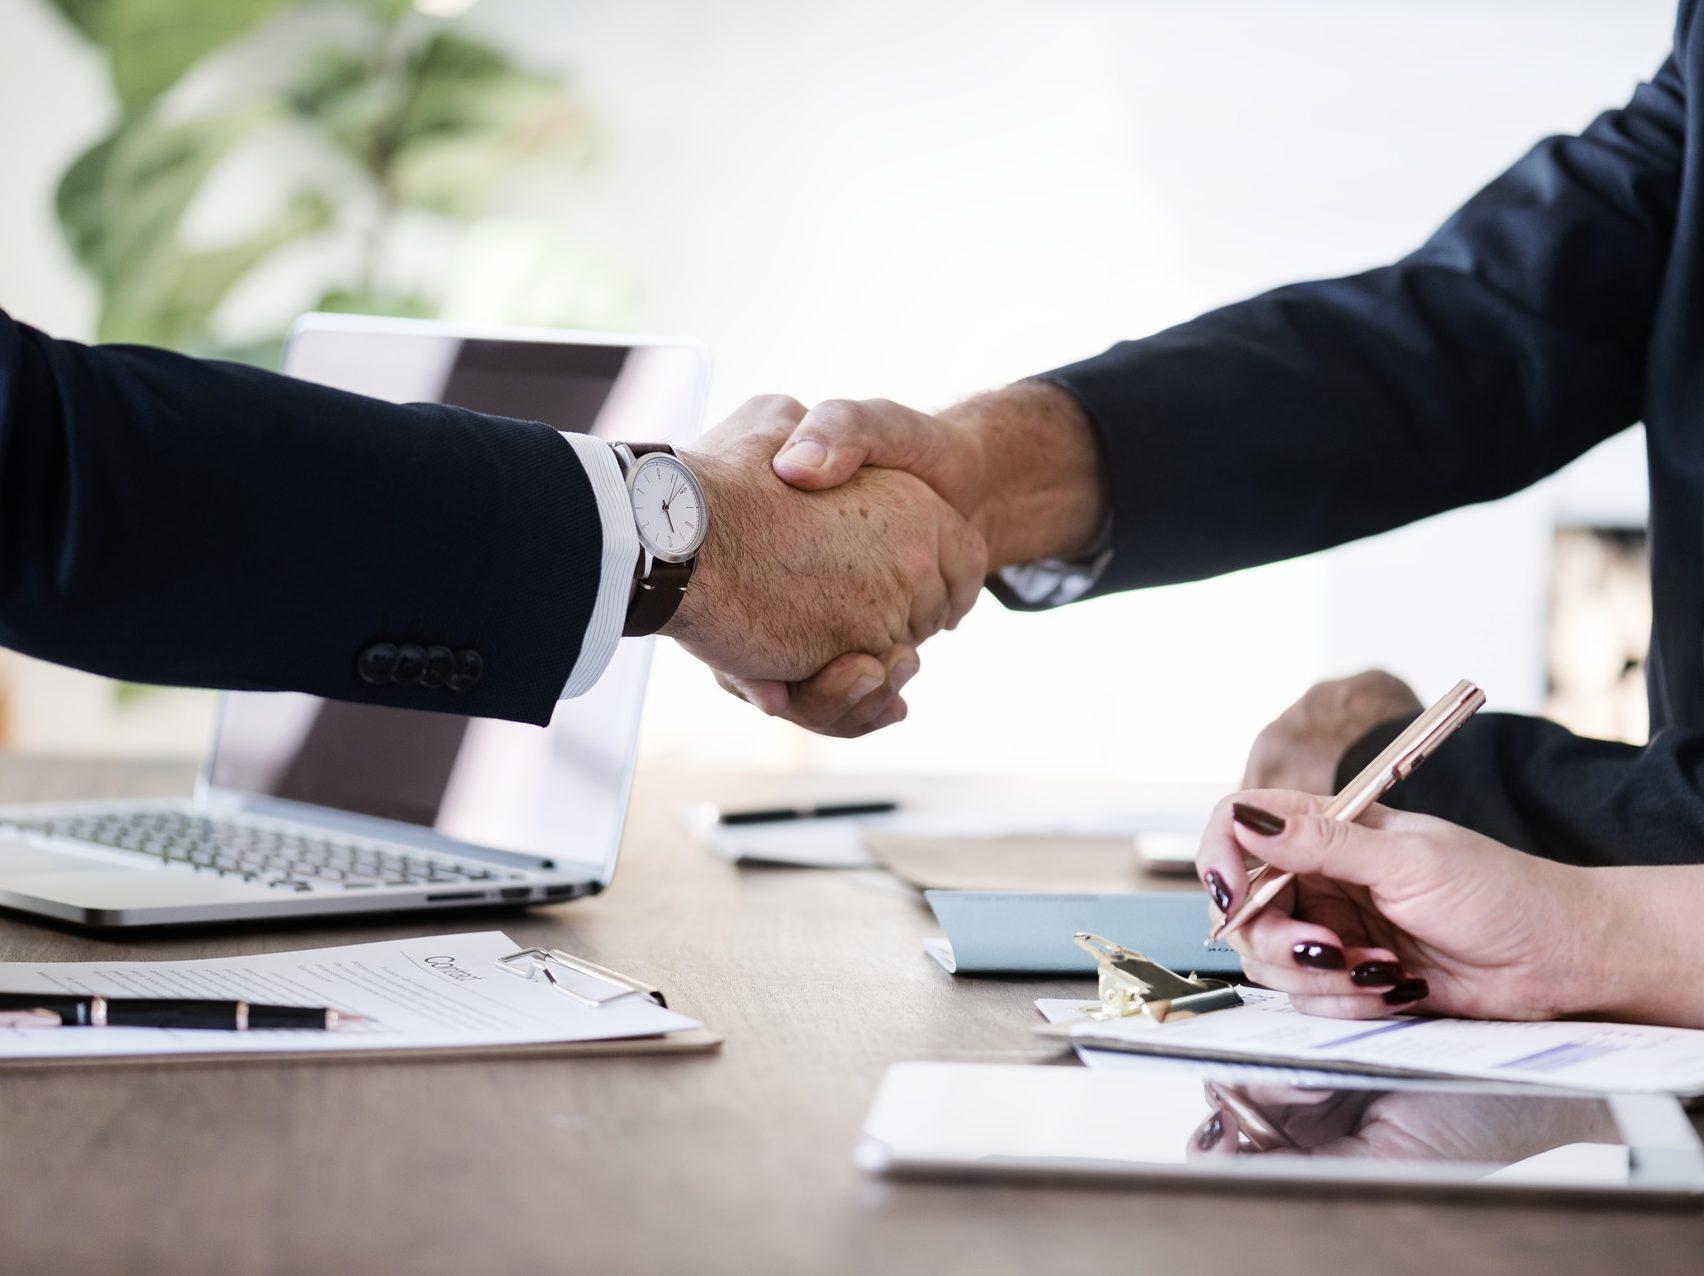 harold meijer bedrijfsopvolging bedrijfsovername ondernemers familiebedrijf overname business